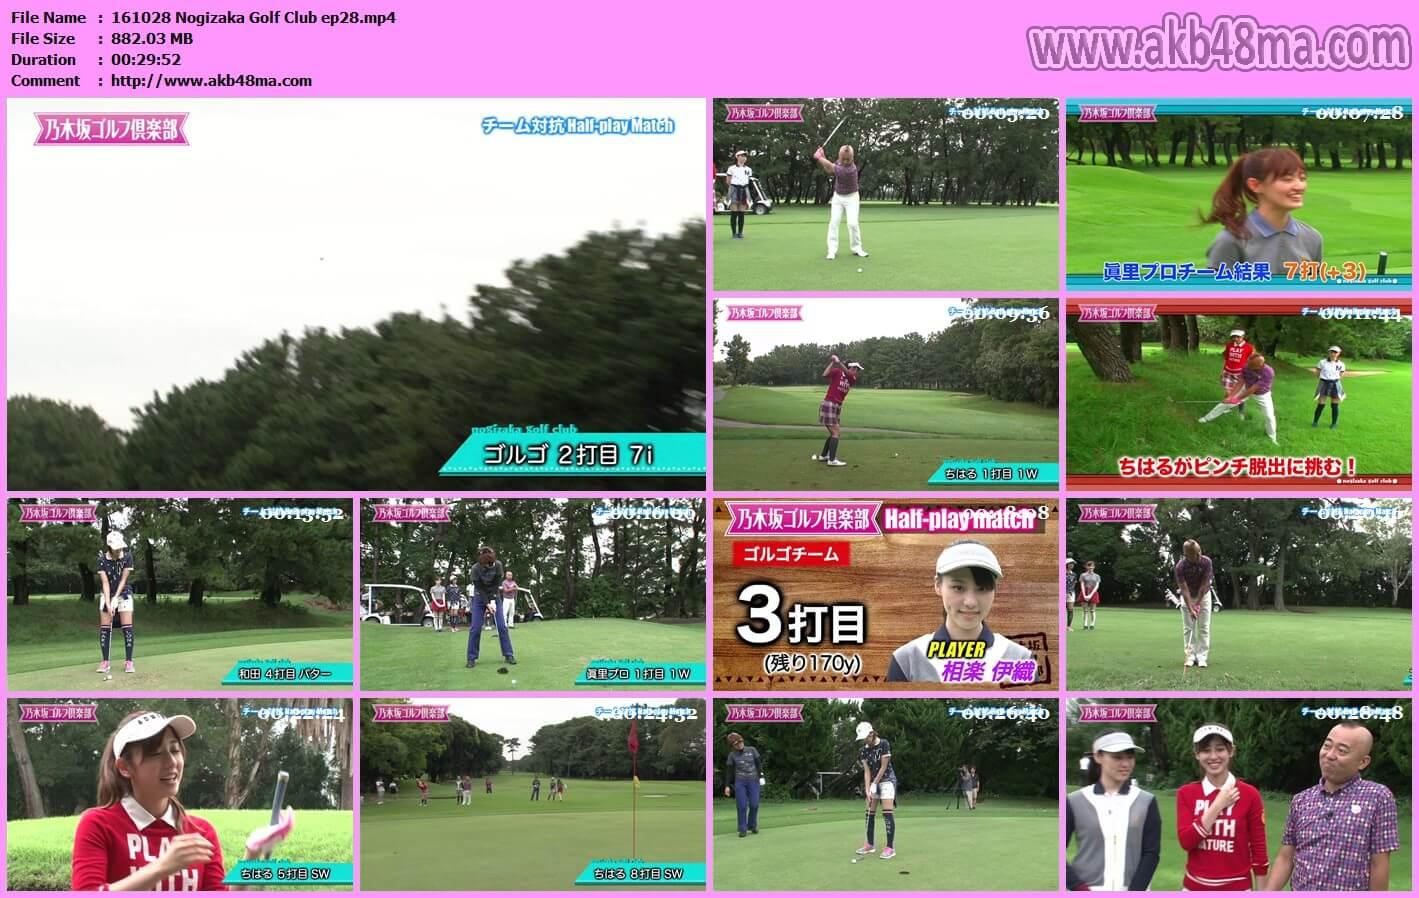 Nogizaka Golf Club